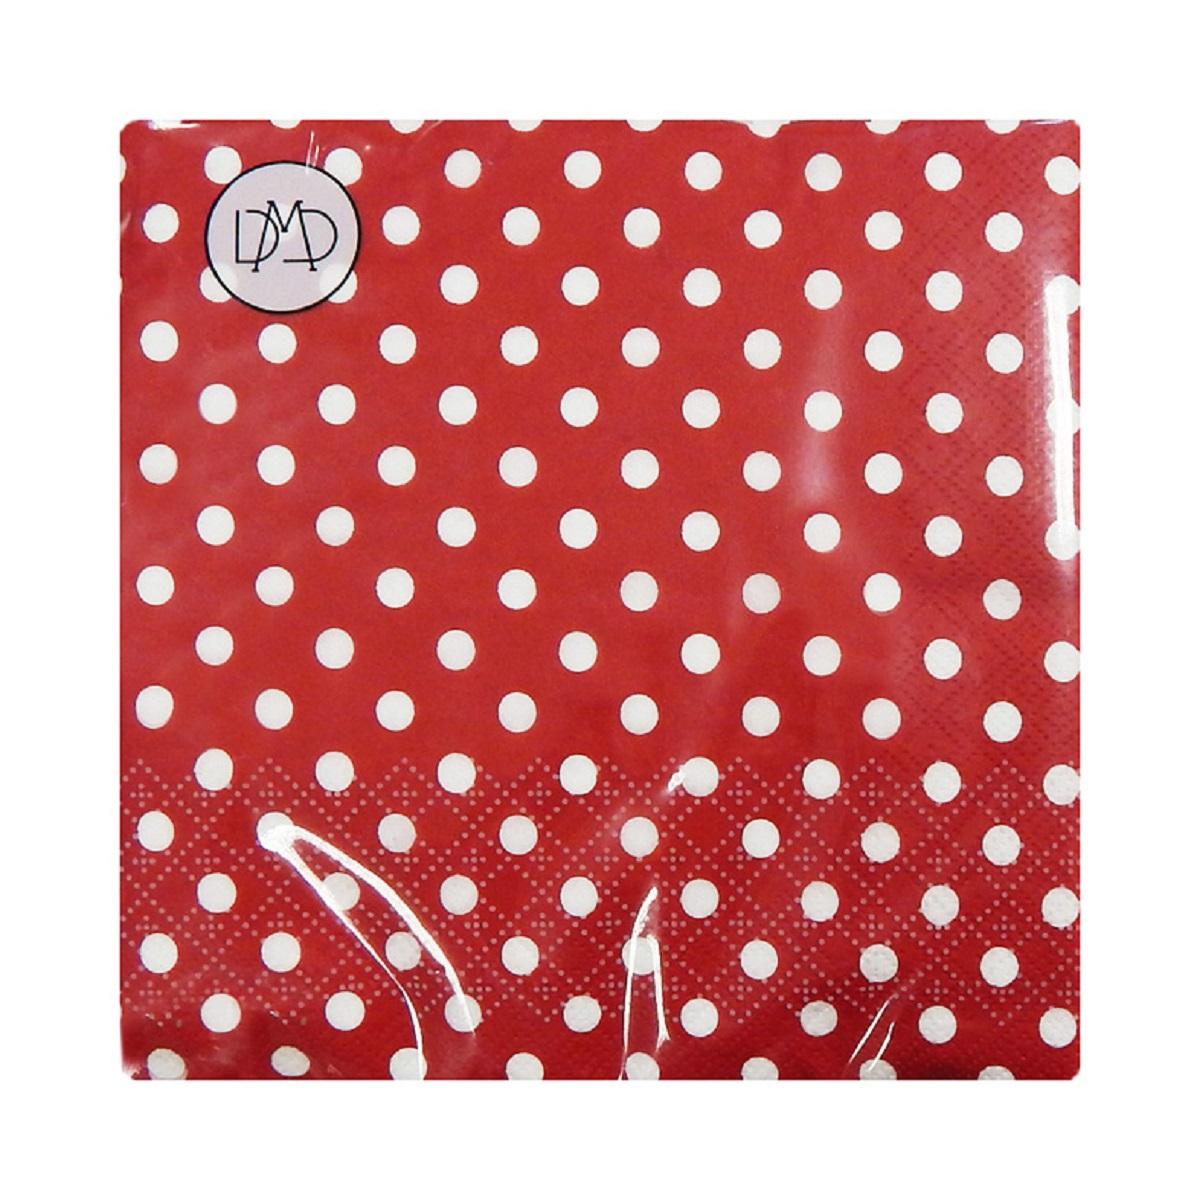 Бумажные салфетки DMD Полдник, 33х33 см, три слоя, 20 шт, цвет: красный15404Для бытового и санитарно-гигиенического назначения одноразового использования.